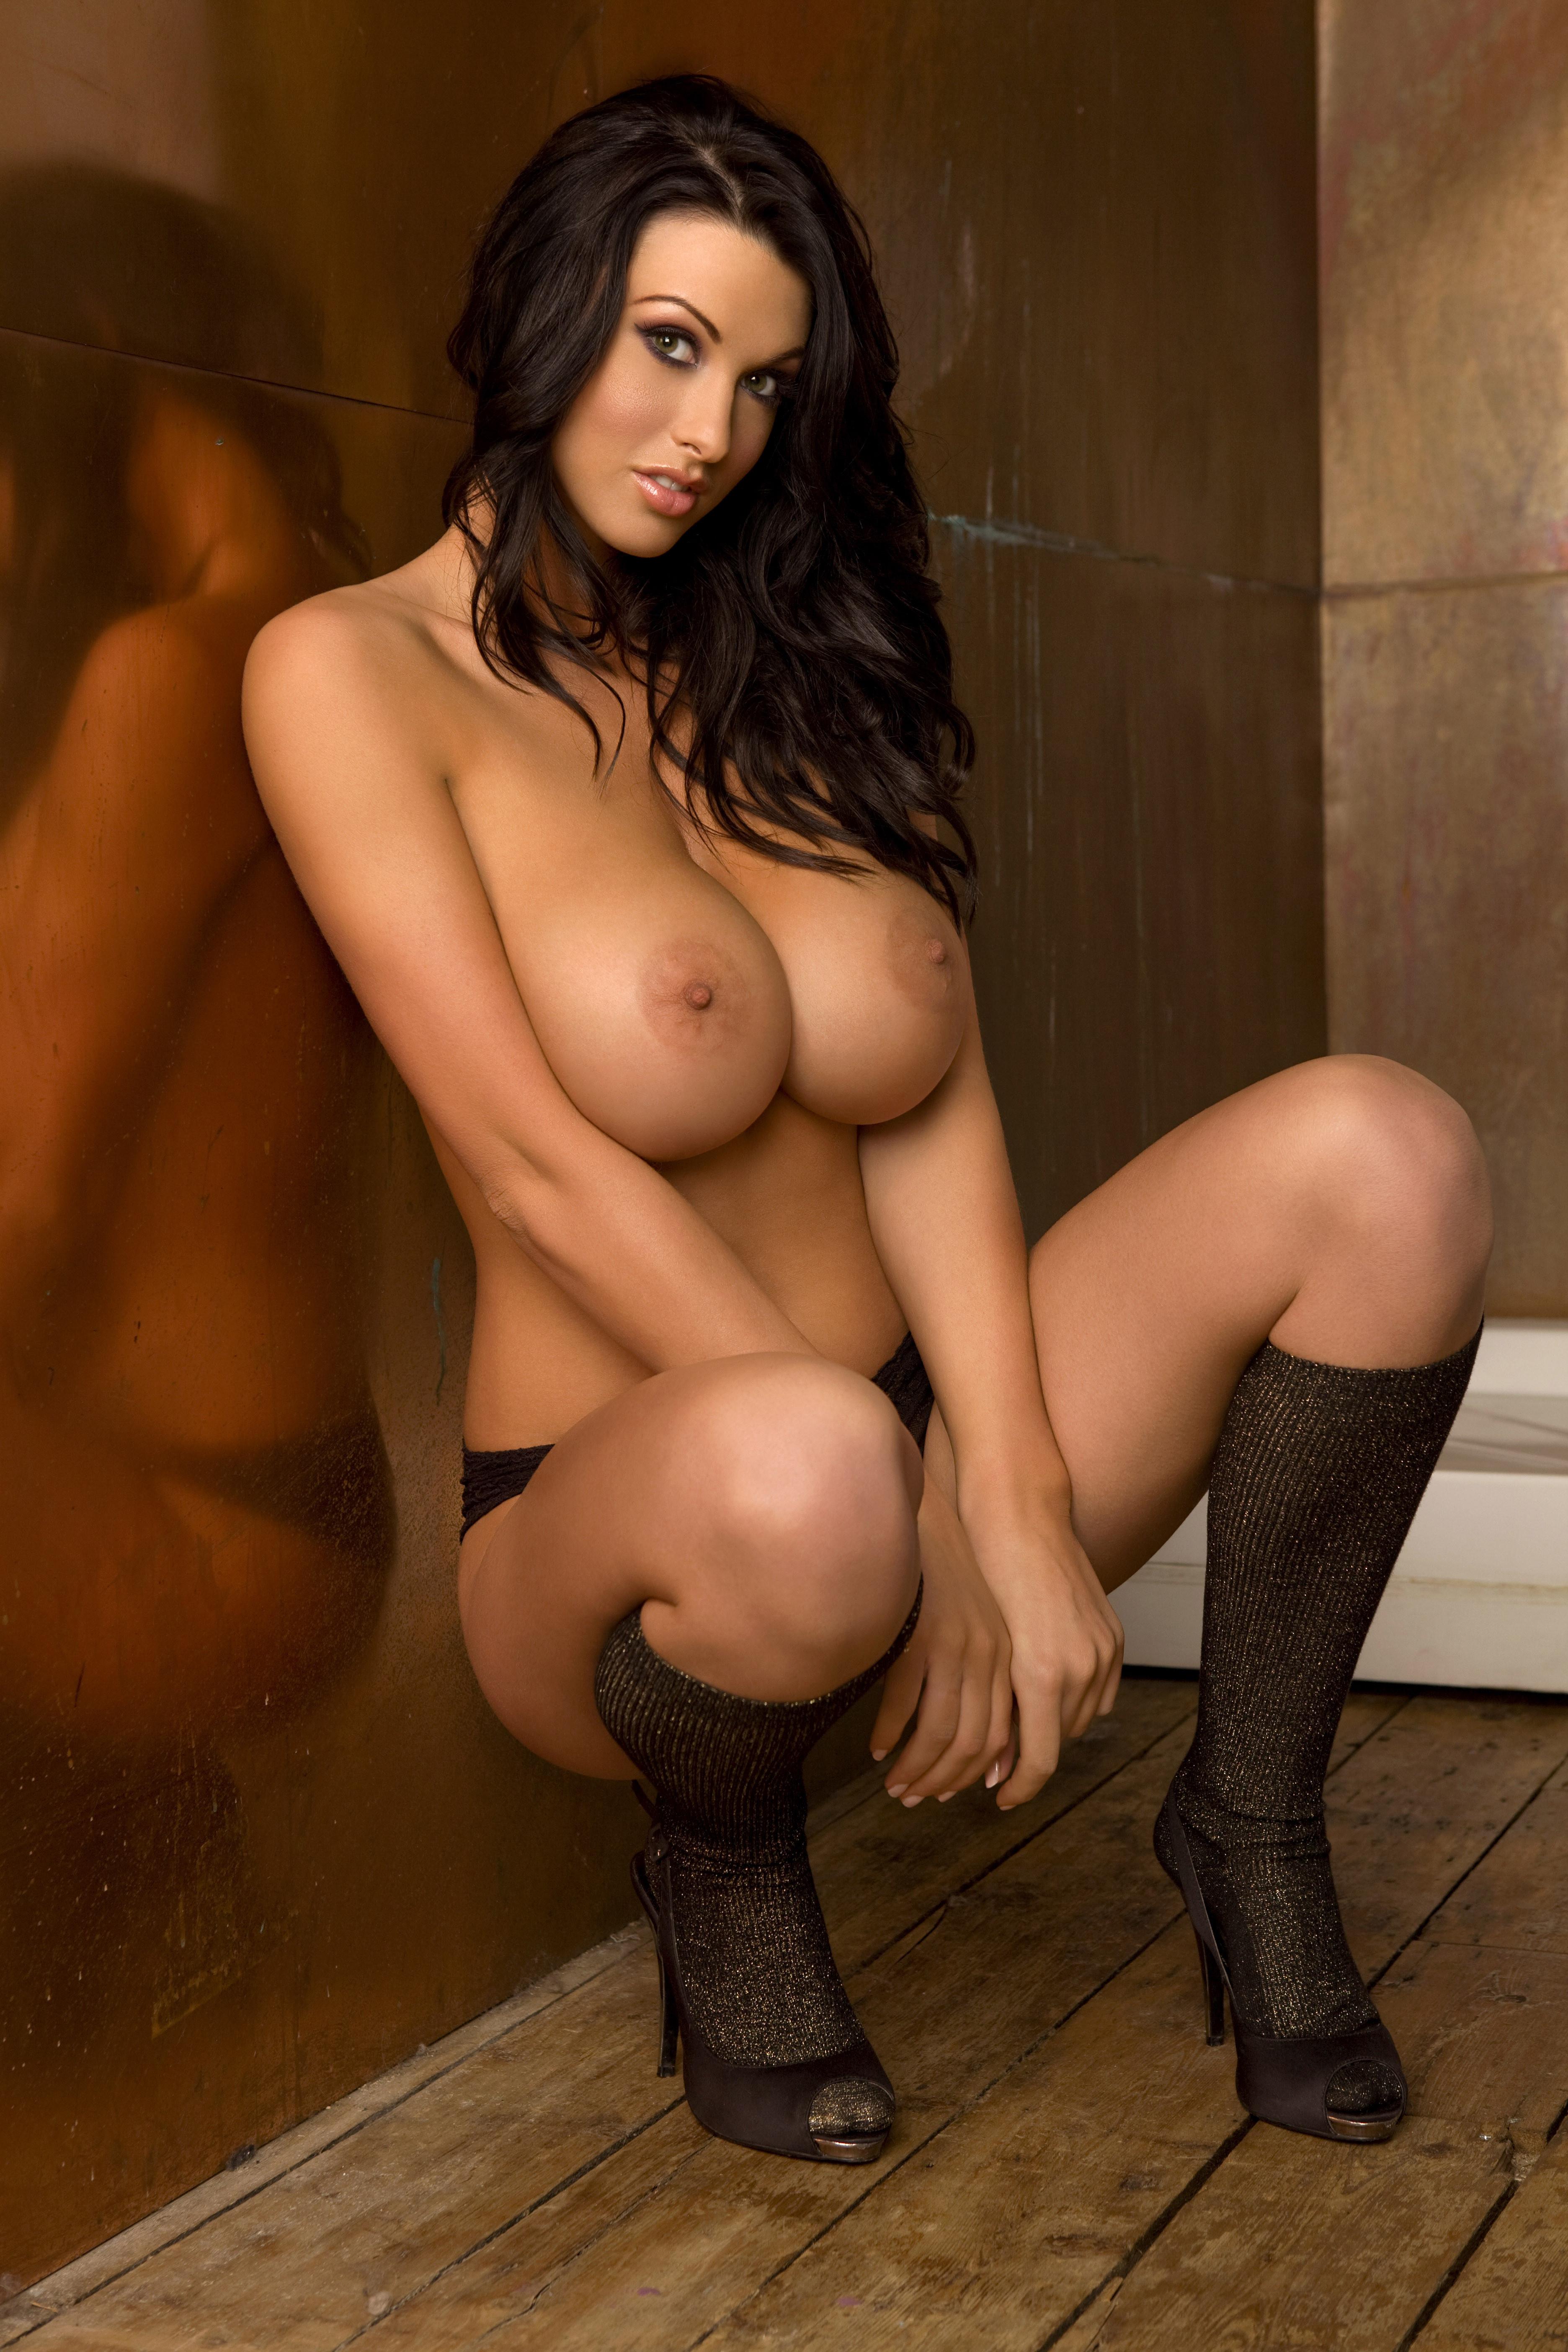 Фото красивых девушки голых с большими сиськами 12 фотография